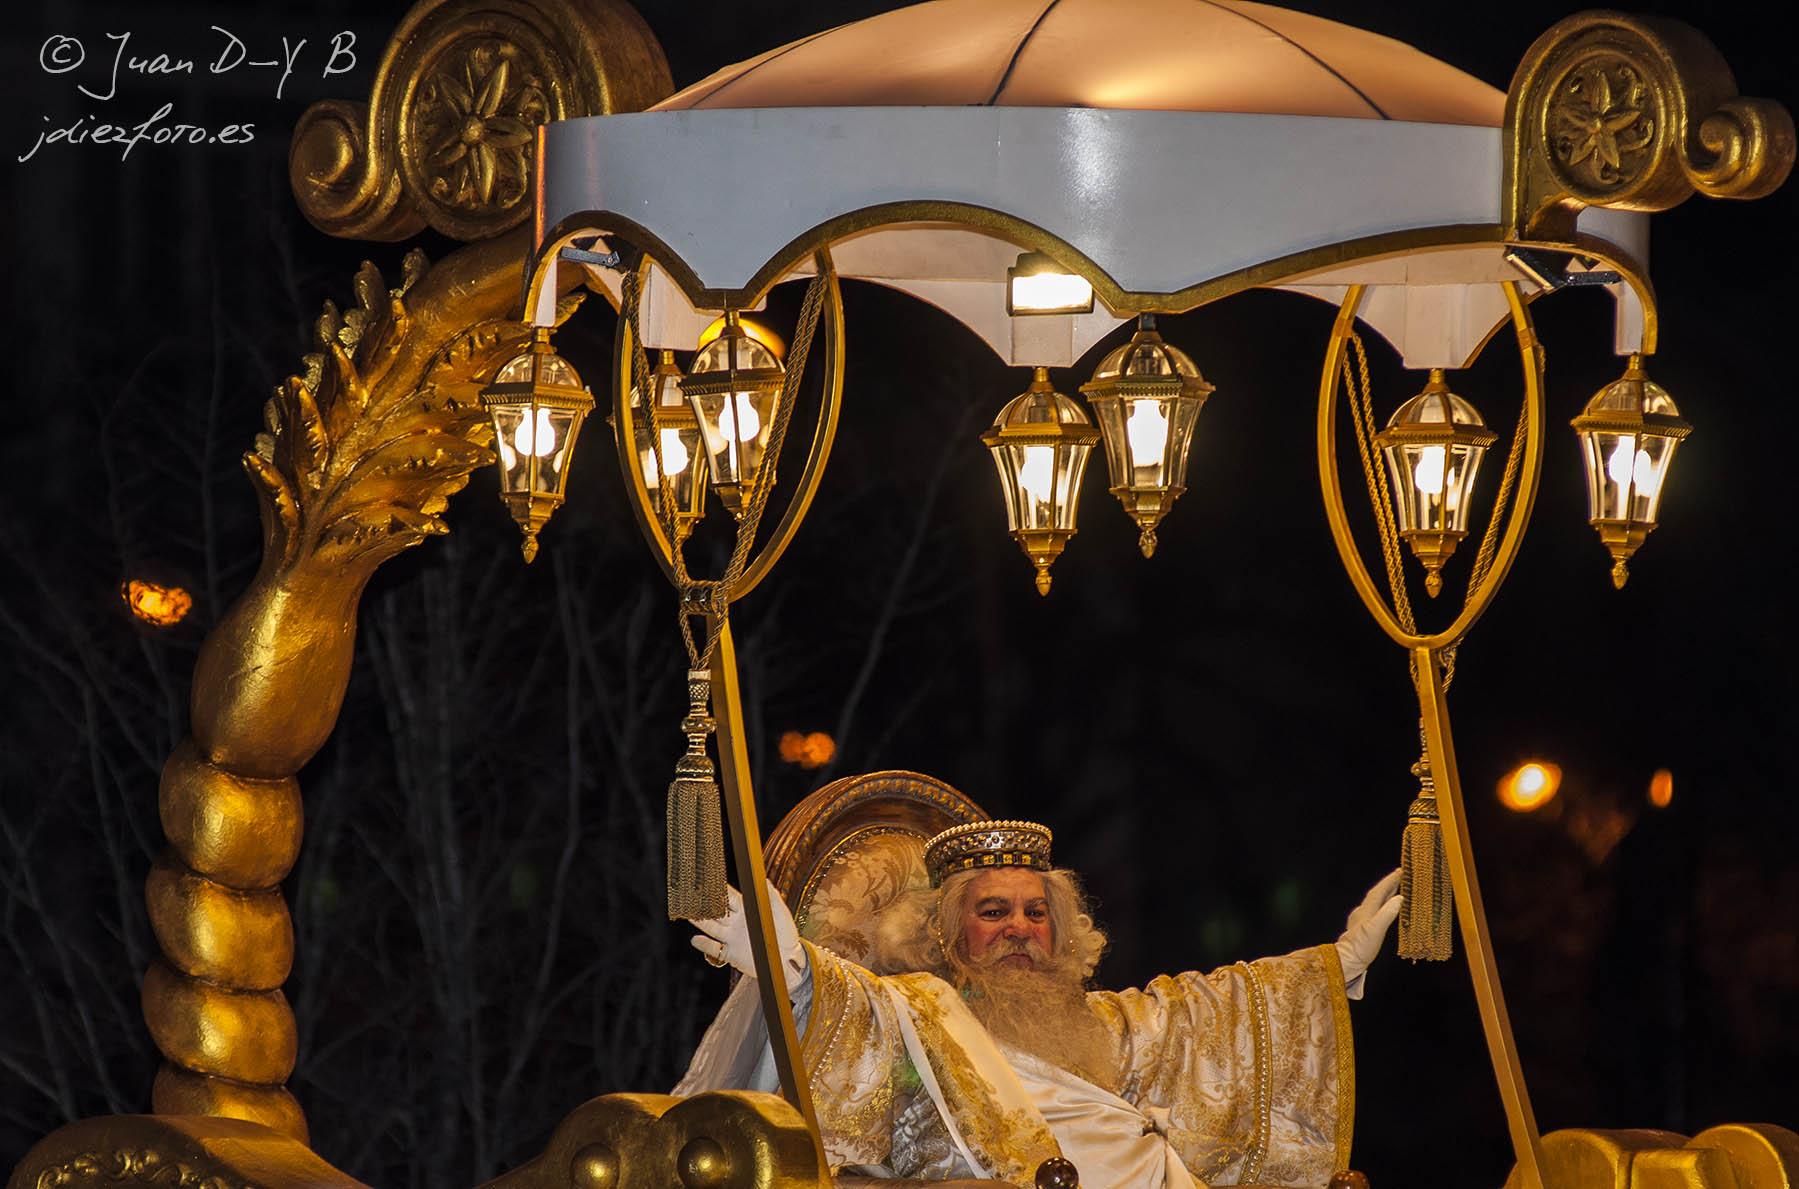 Feliz Día de Reyes Magos a todos ¿Habéis sido buenos?